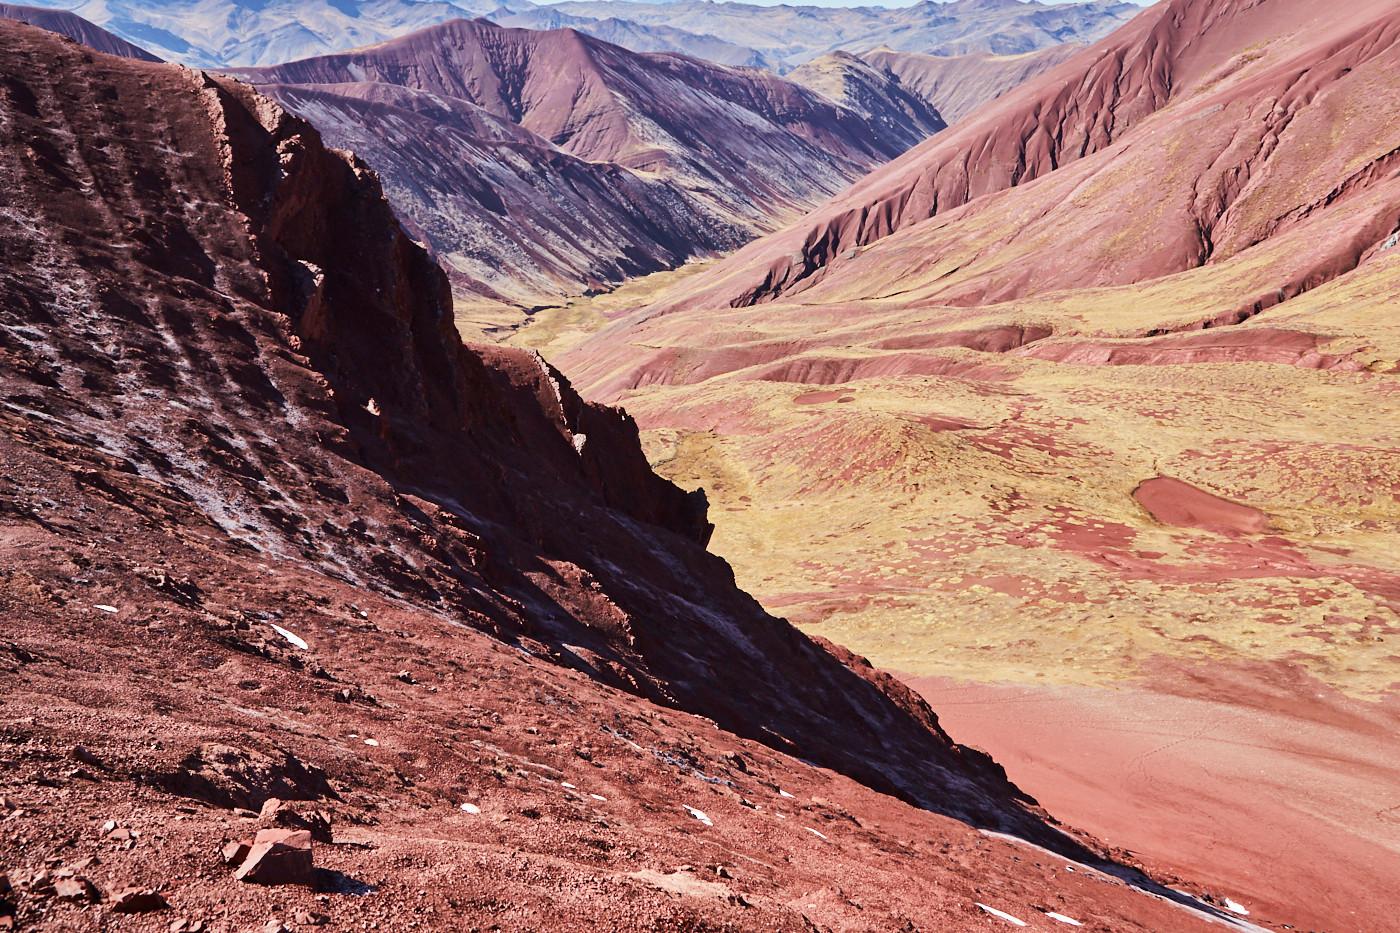 Das Red Valley in Peru ist mein absolutes Highlight unseres Peru Urlaubes! Rote Felsen, soweit das Auge reicht